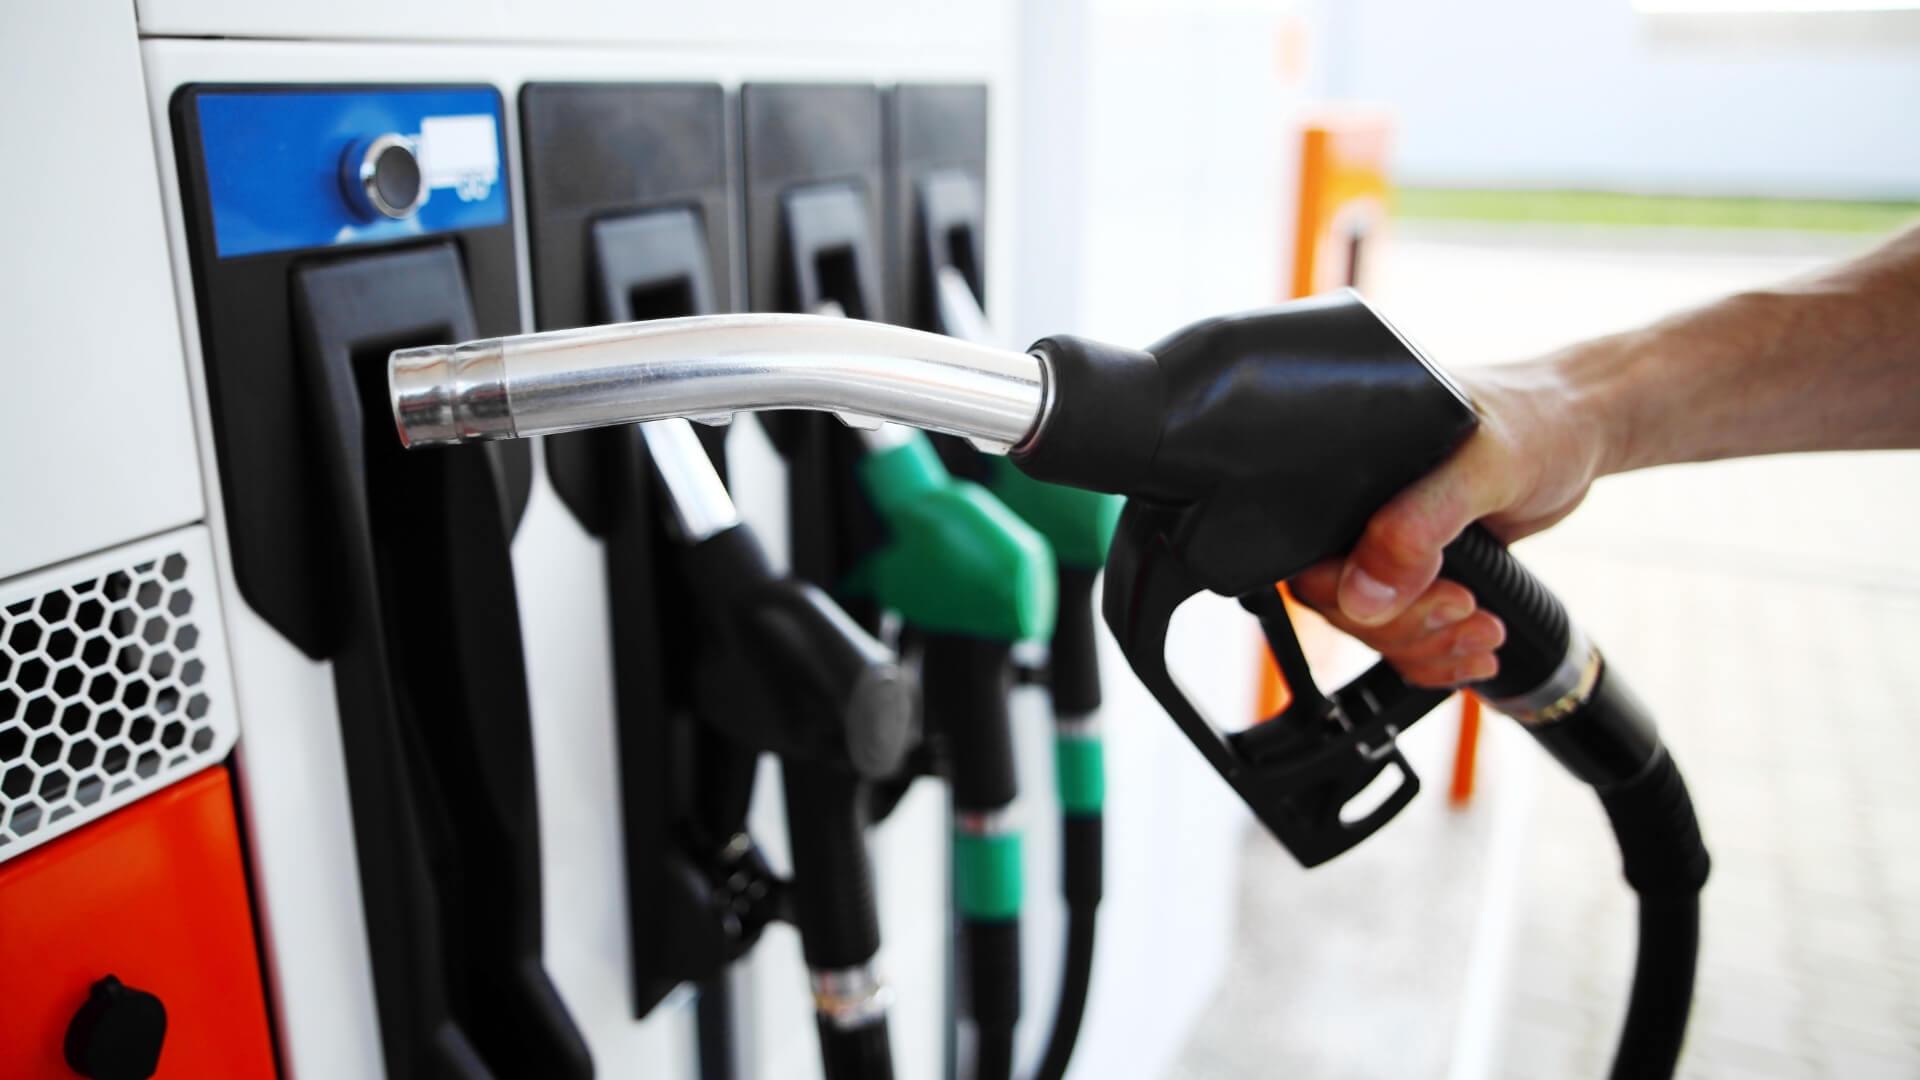 FIAP Valori indicativi di riferimento dei costi di esercizio. Dato del costo del gasolio del mese di Novembre 2019.